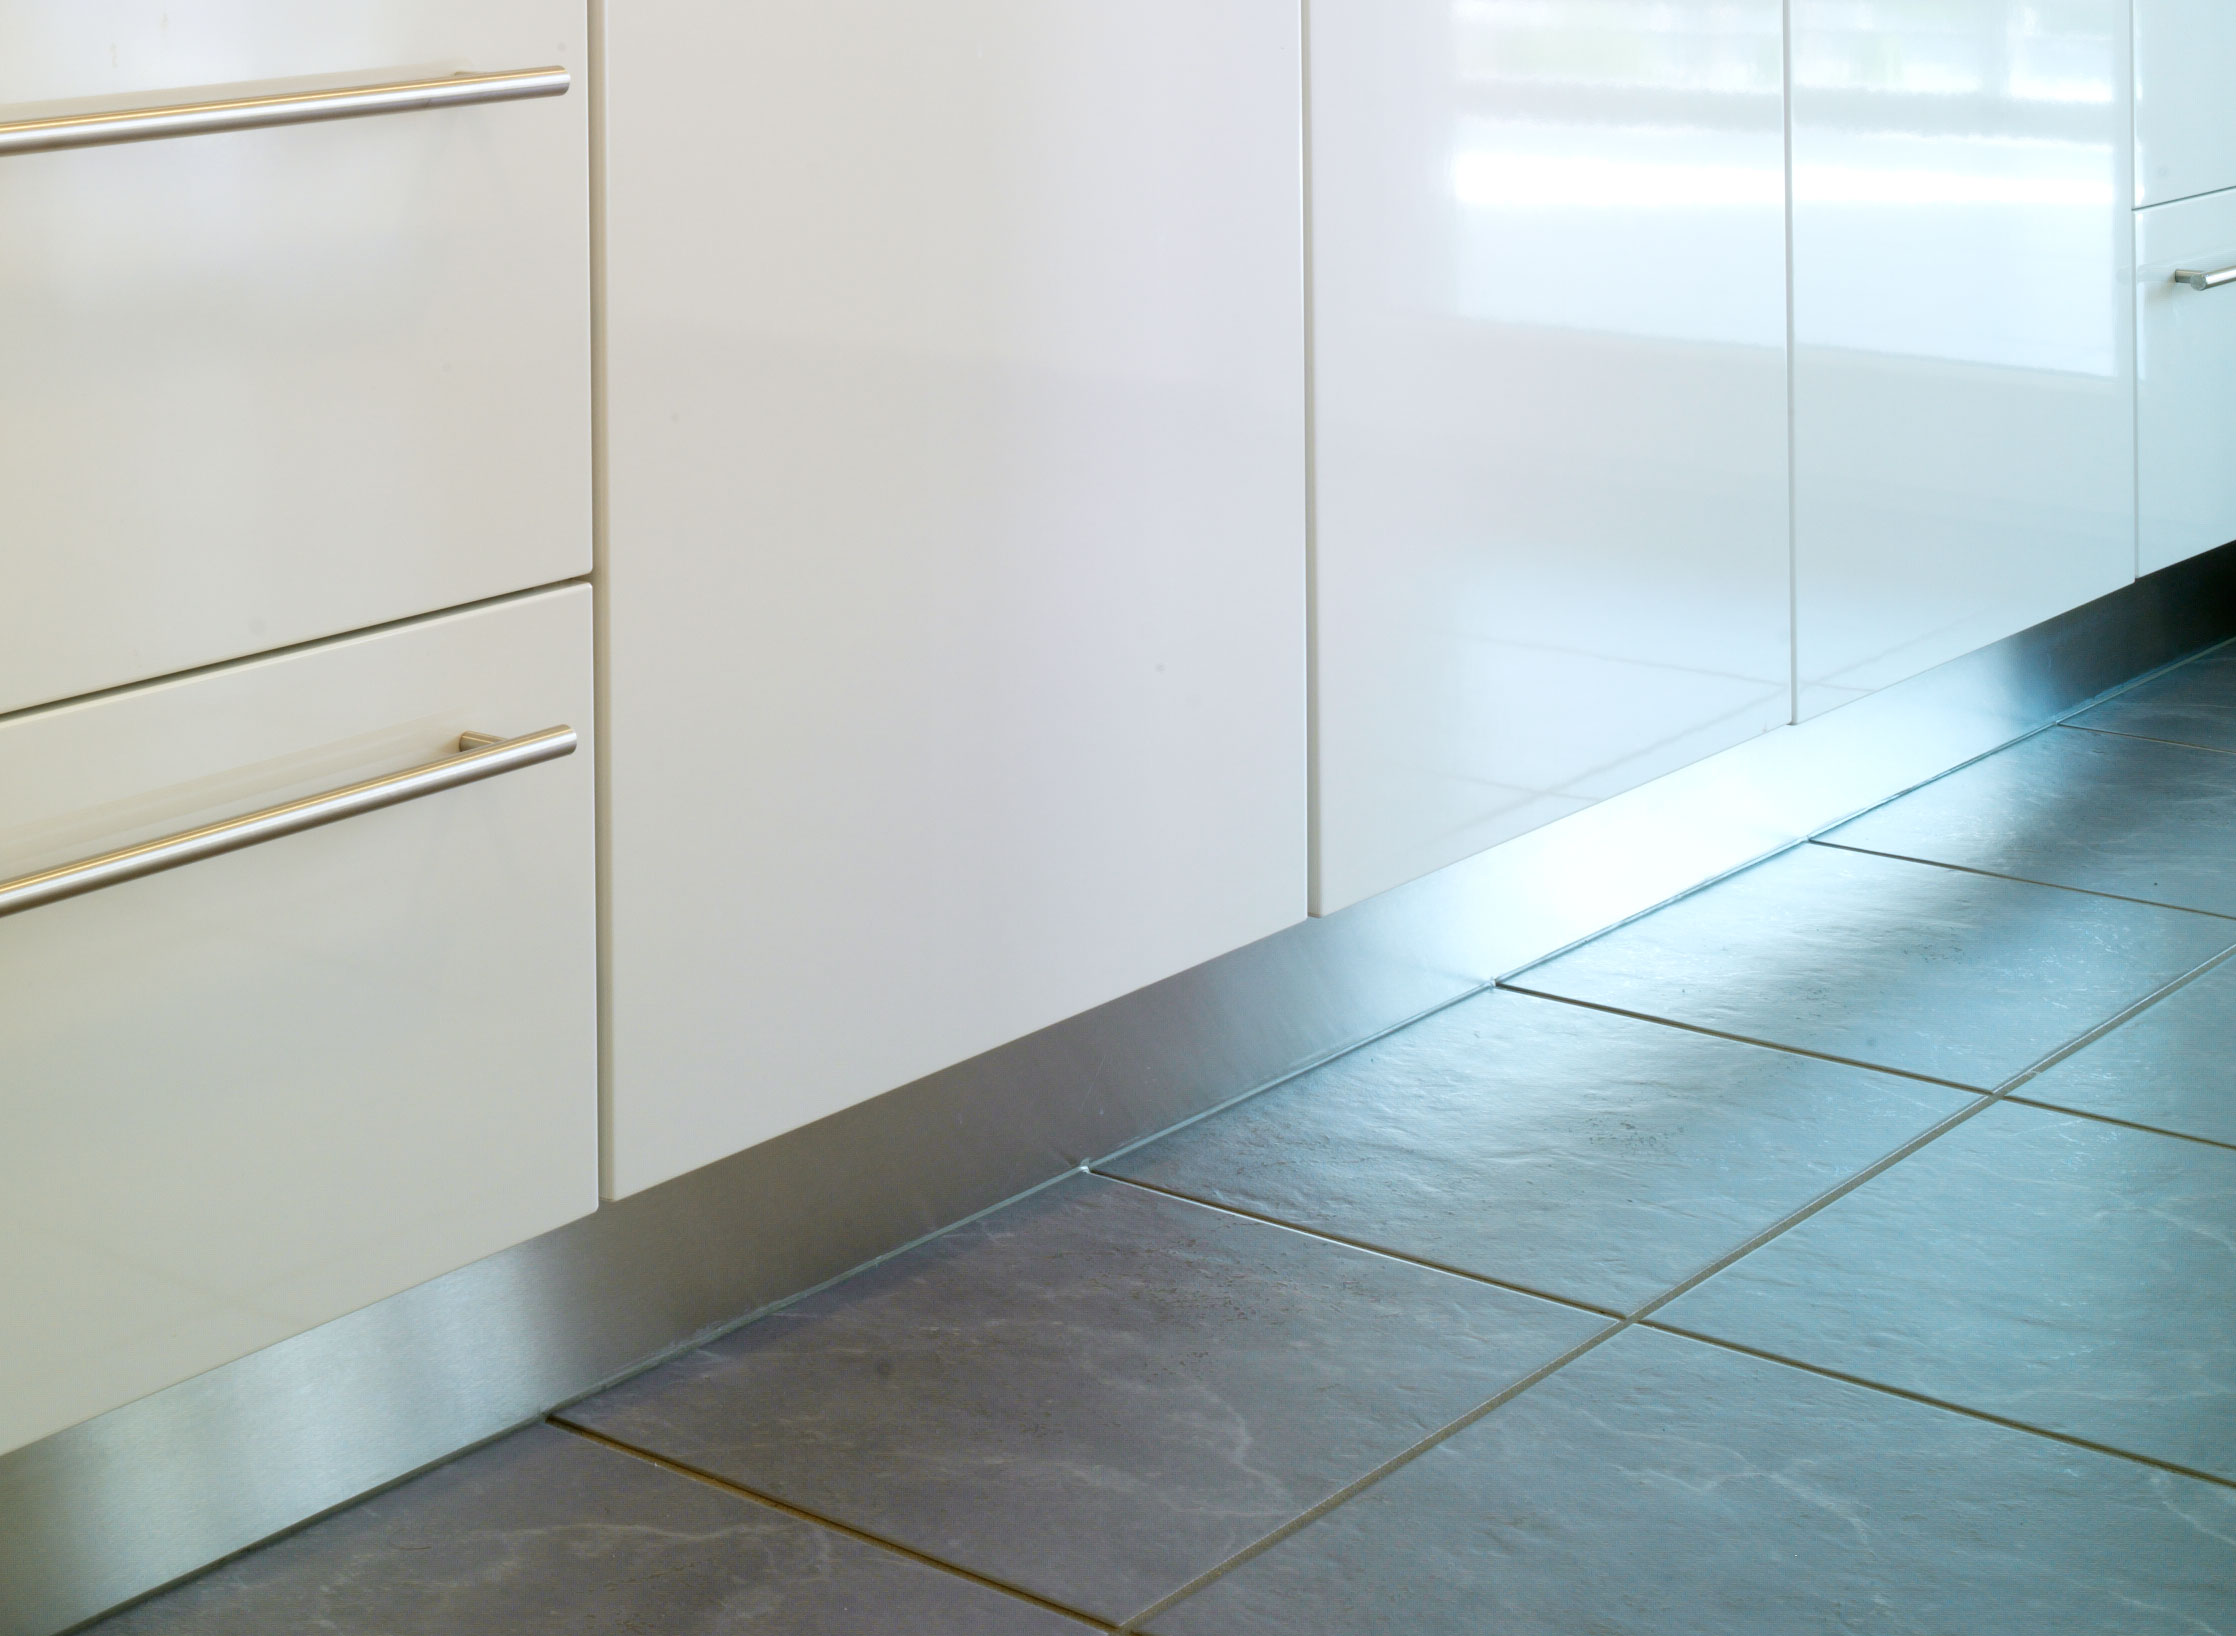 Full Size of Wandfliesen Küche Finanzieren Was Kostet Eine Neue Schrankküche Armaturen Amerikanische Kaufen Küchen Regal Kreidetafel Schwarze Einbauküche Gebraucht Wohnzimmer Küche Sockelleiste